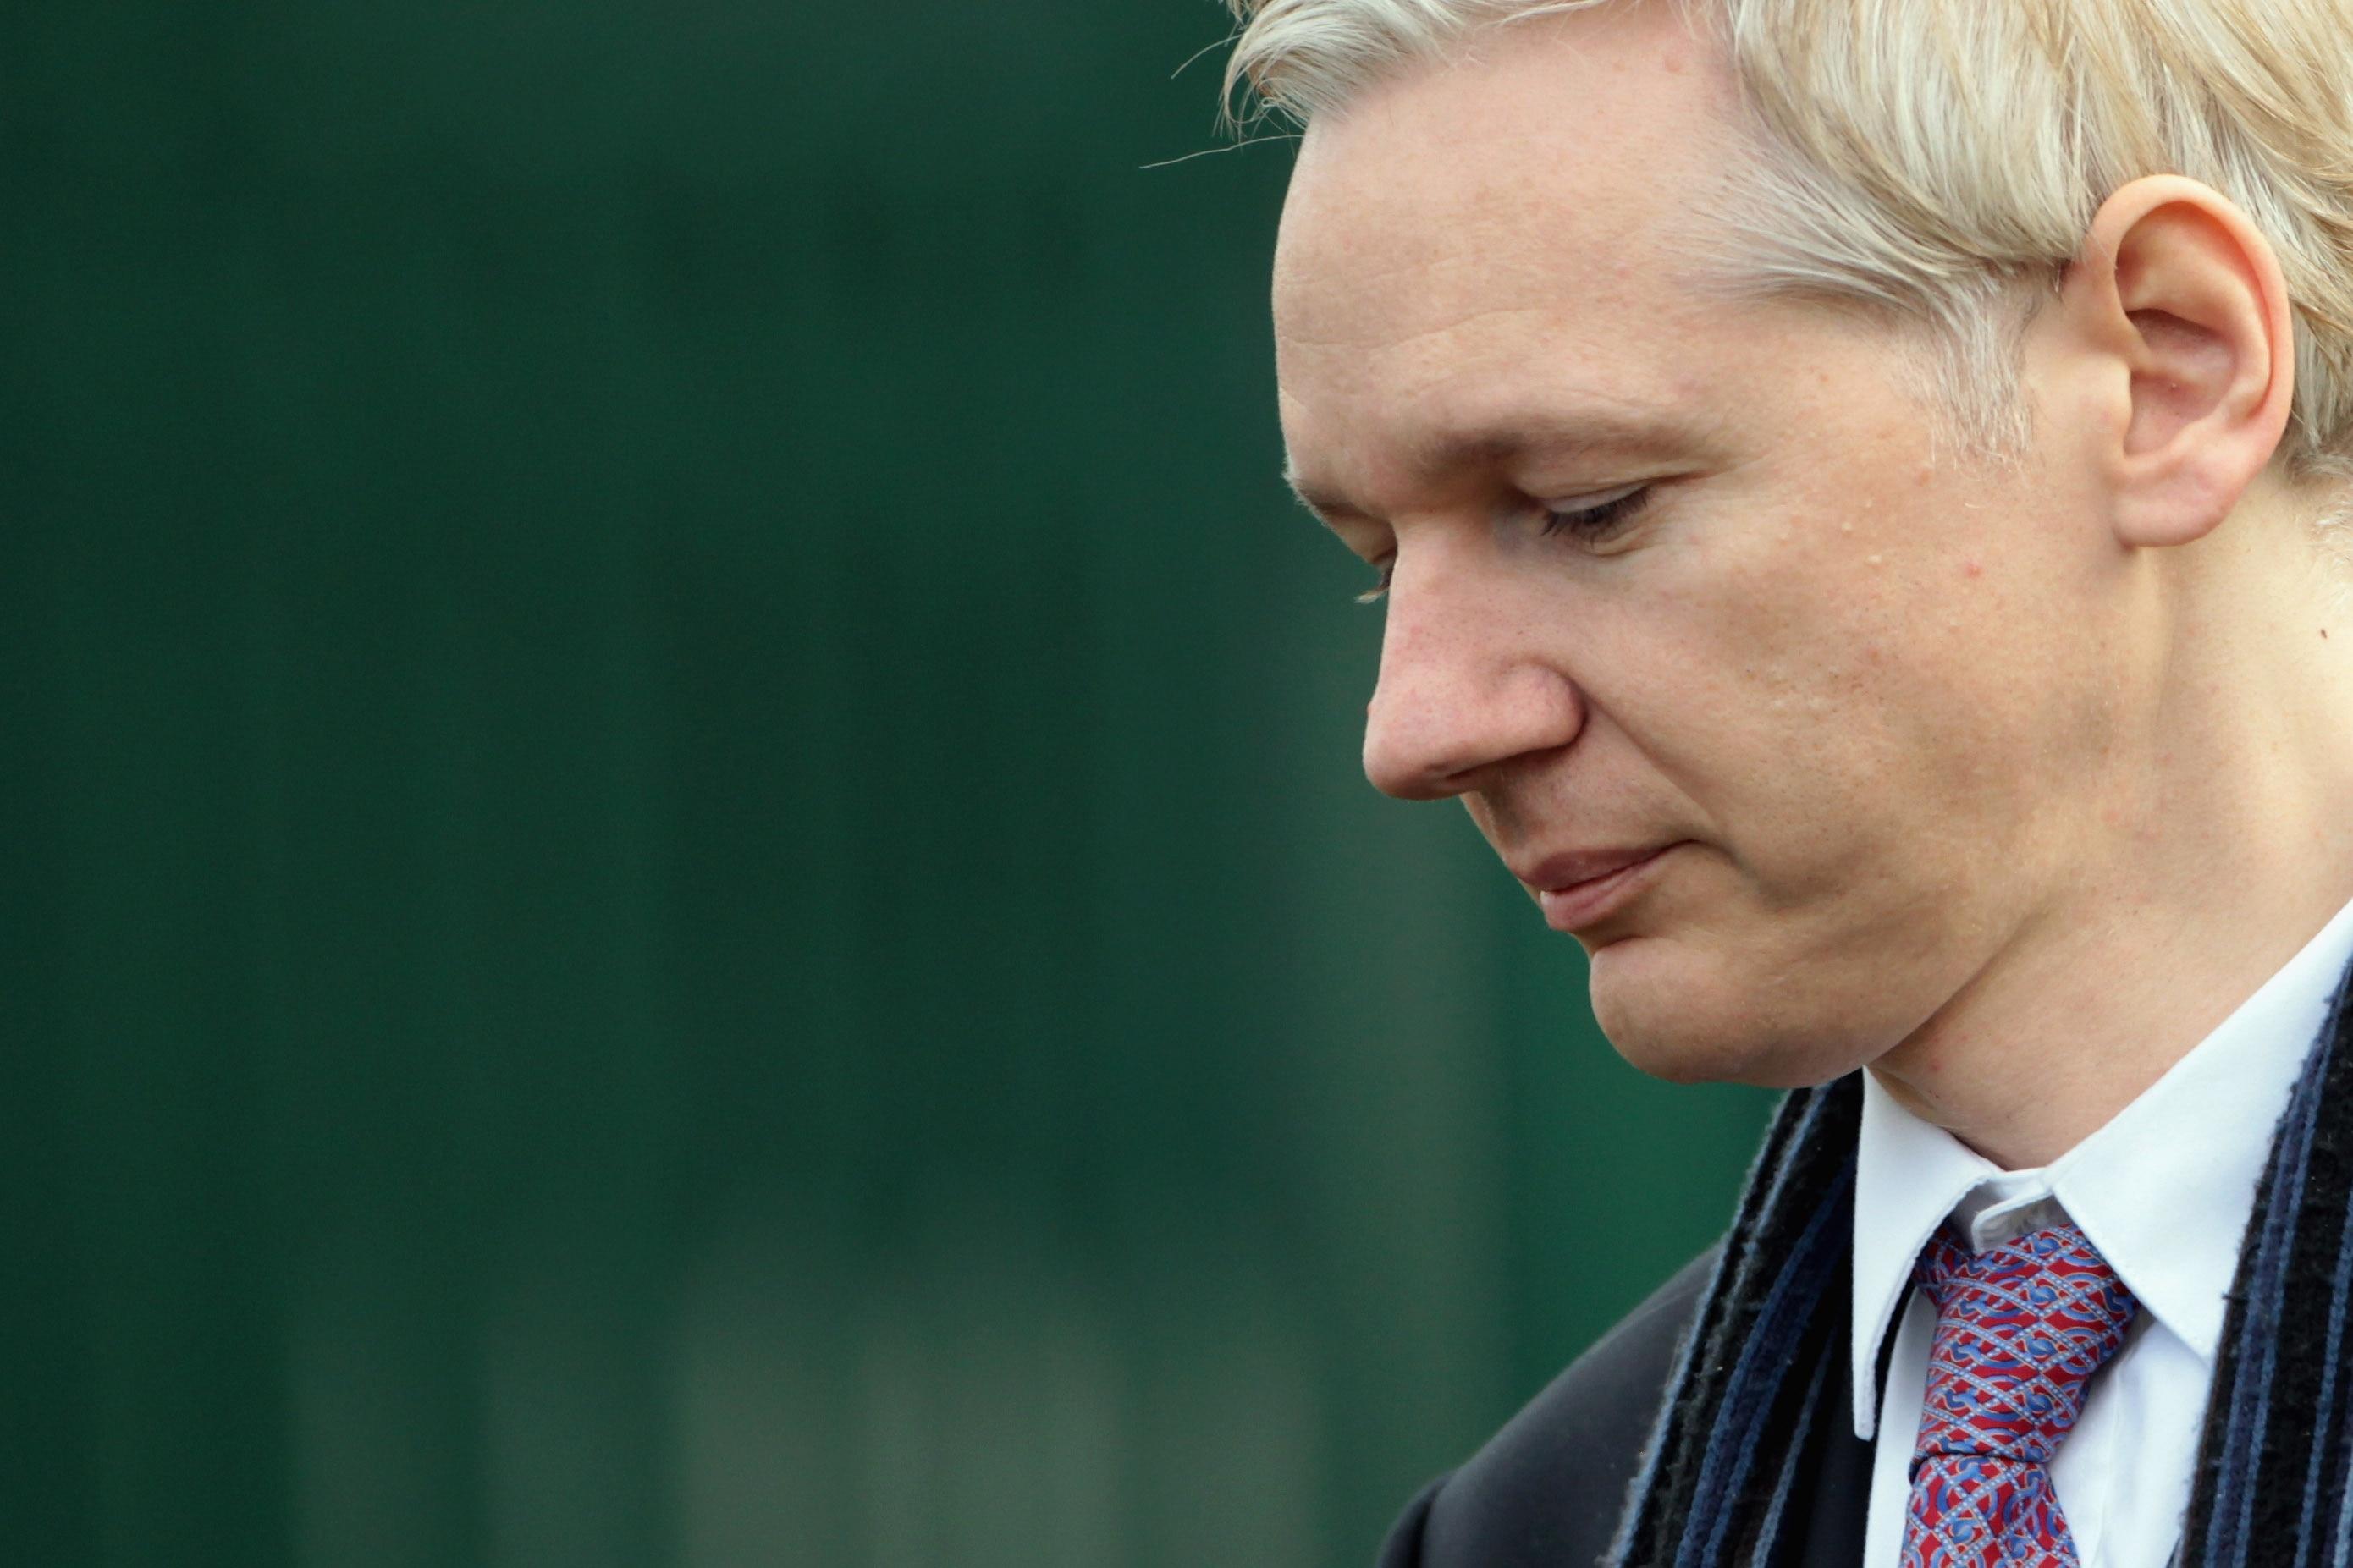 WikiLeaks founder Julian Assange develops heart defect